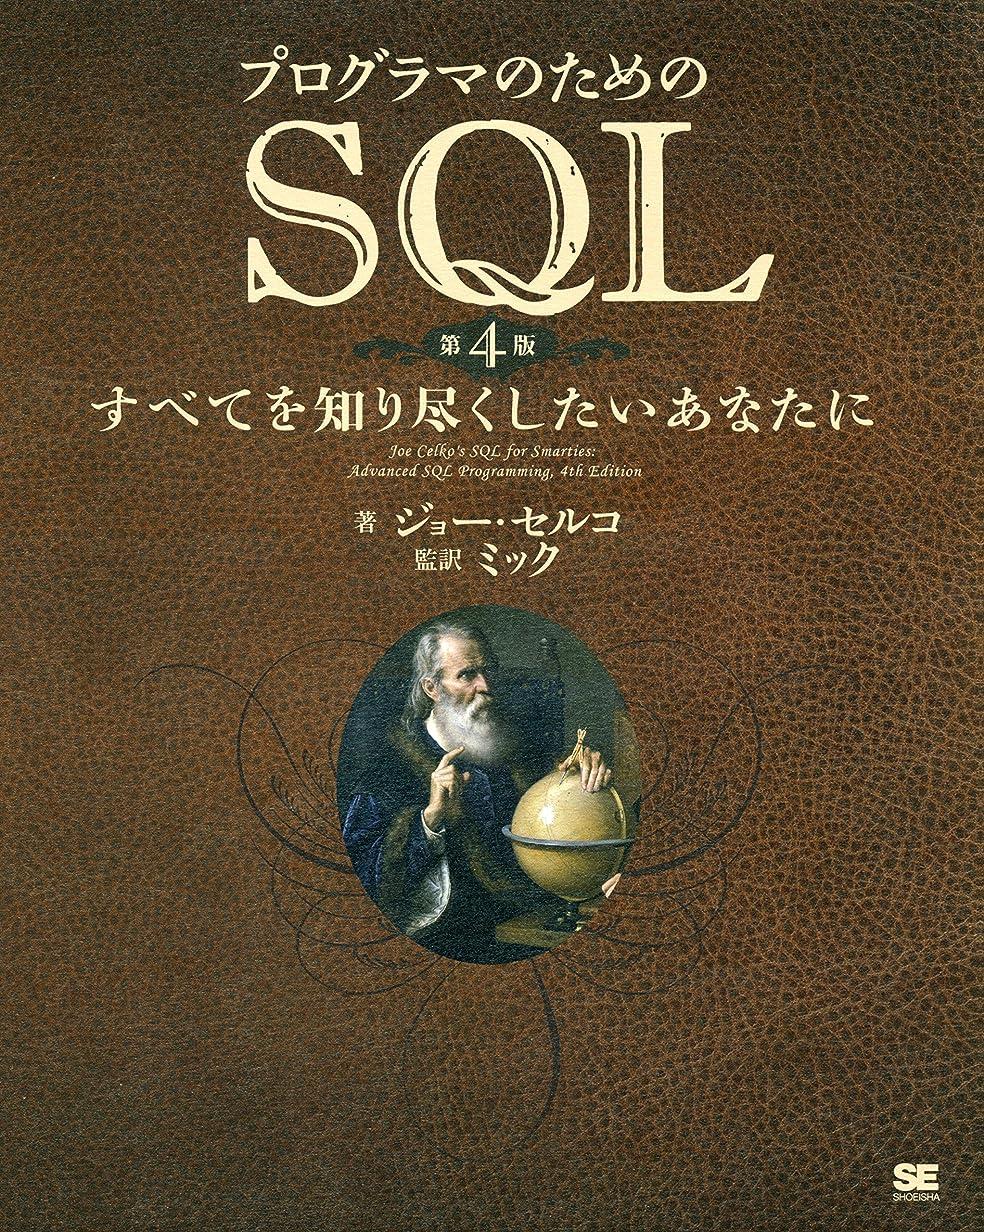 高度なバー佐賀プログラマのためのSQL 第4版 すべてを知り尽くしたいあなたに